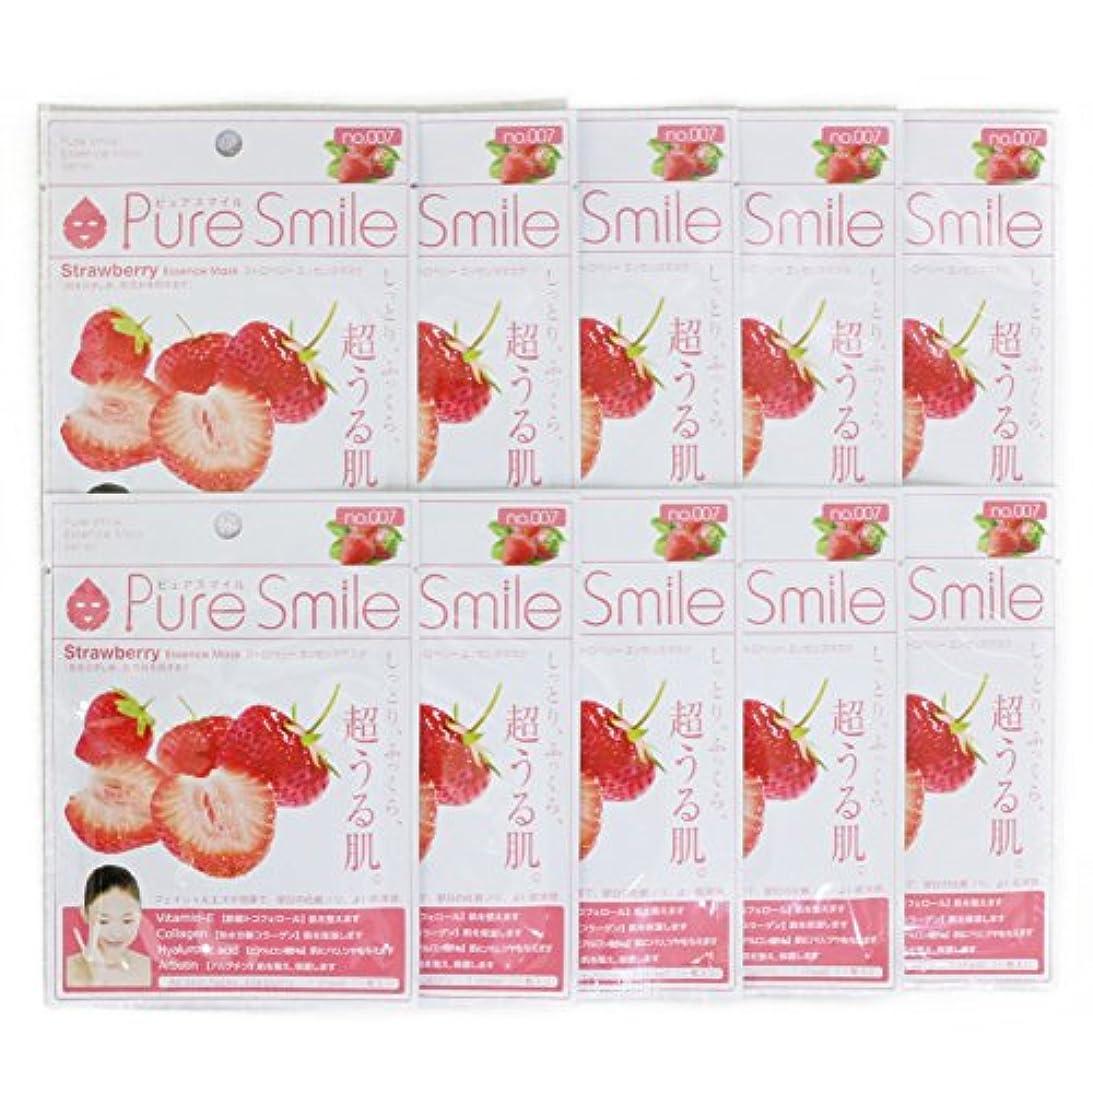 代わりにを立てる葉メダルPure Smile ピュアスマイル エッセンスマスク ストロベリー 10枚セット